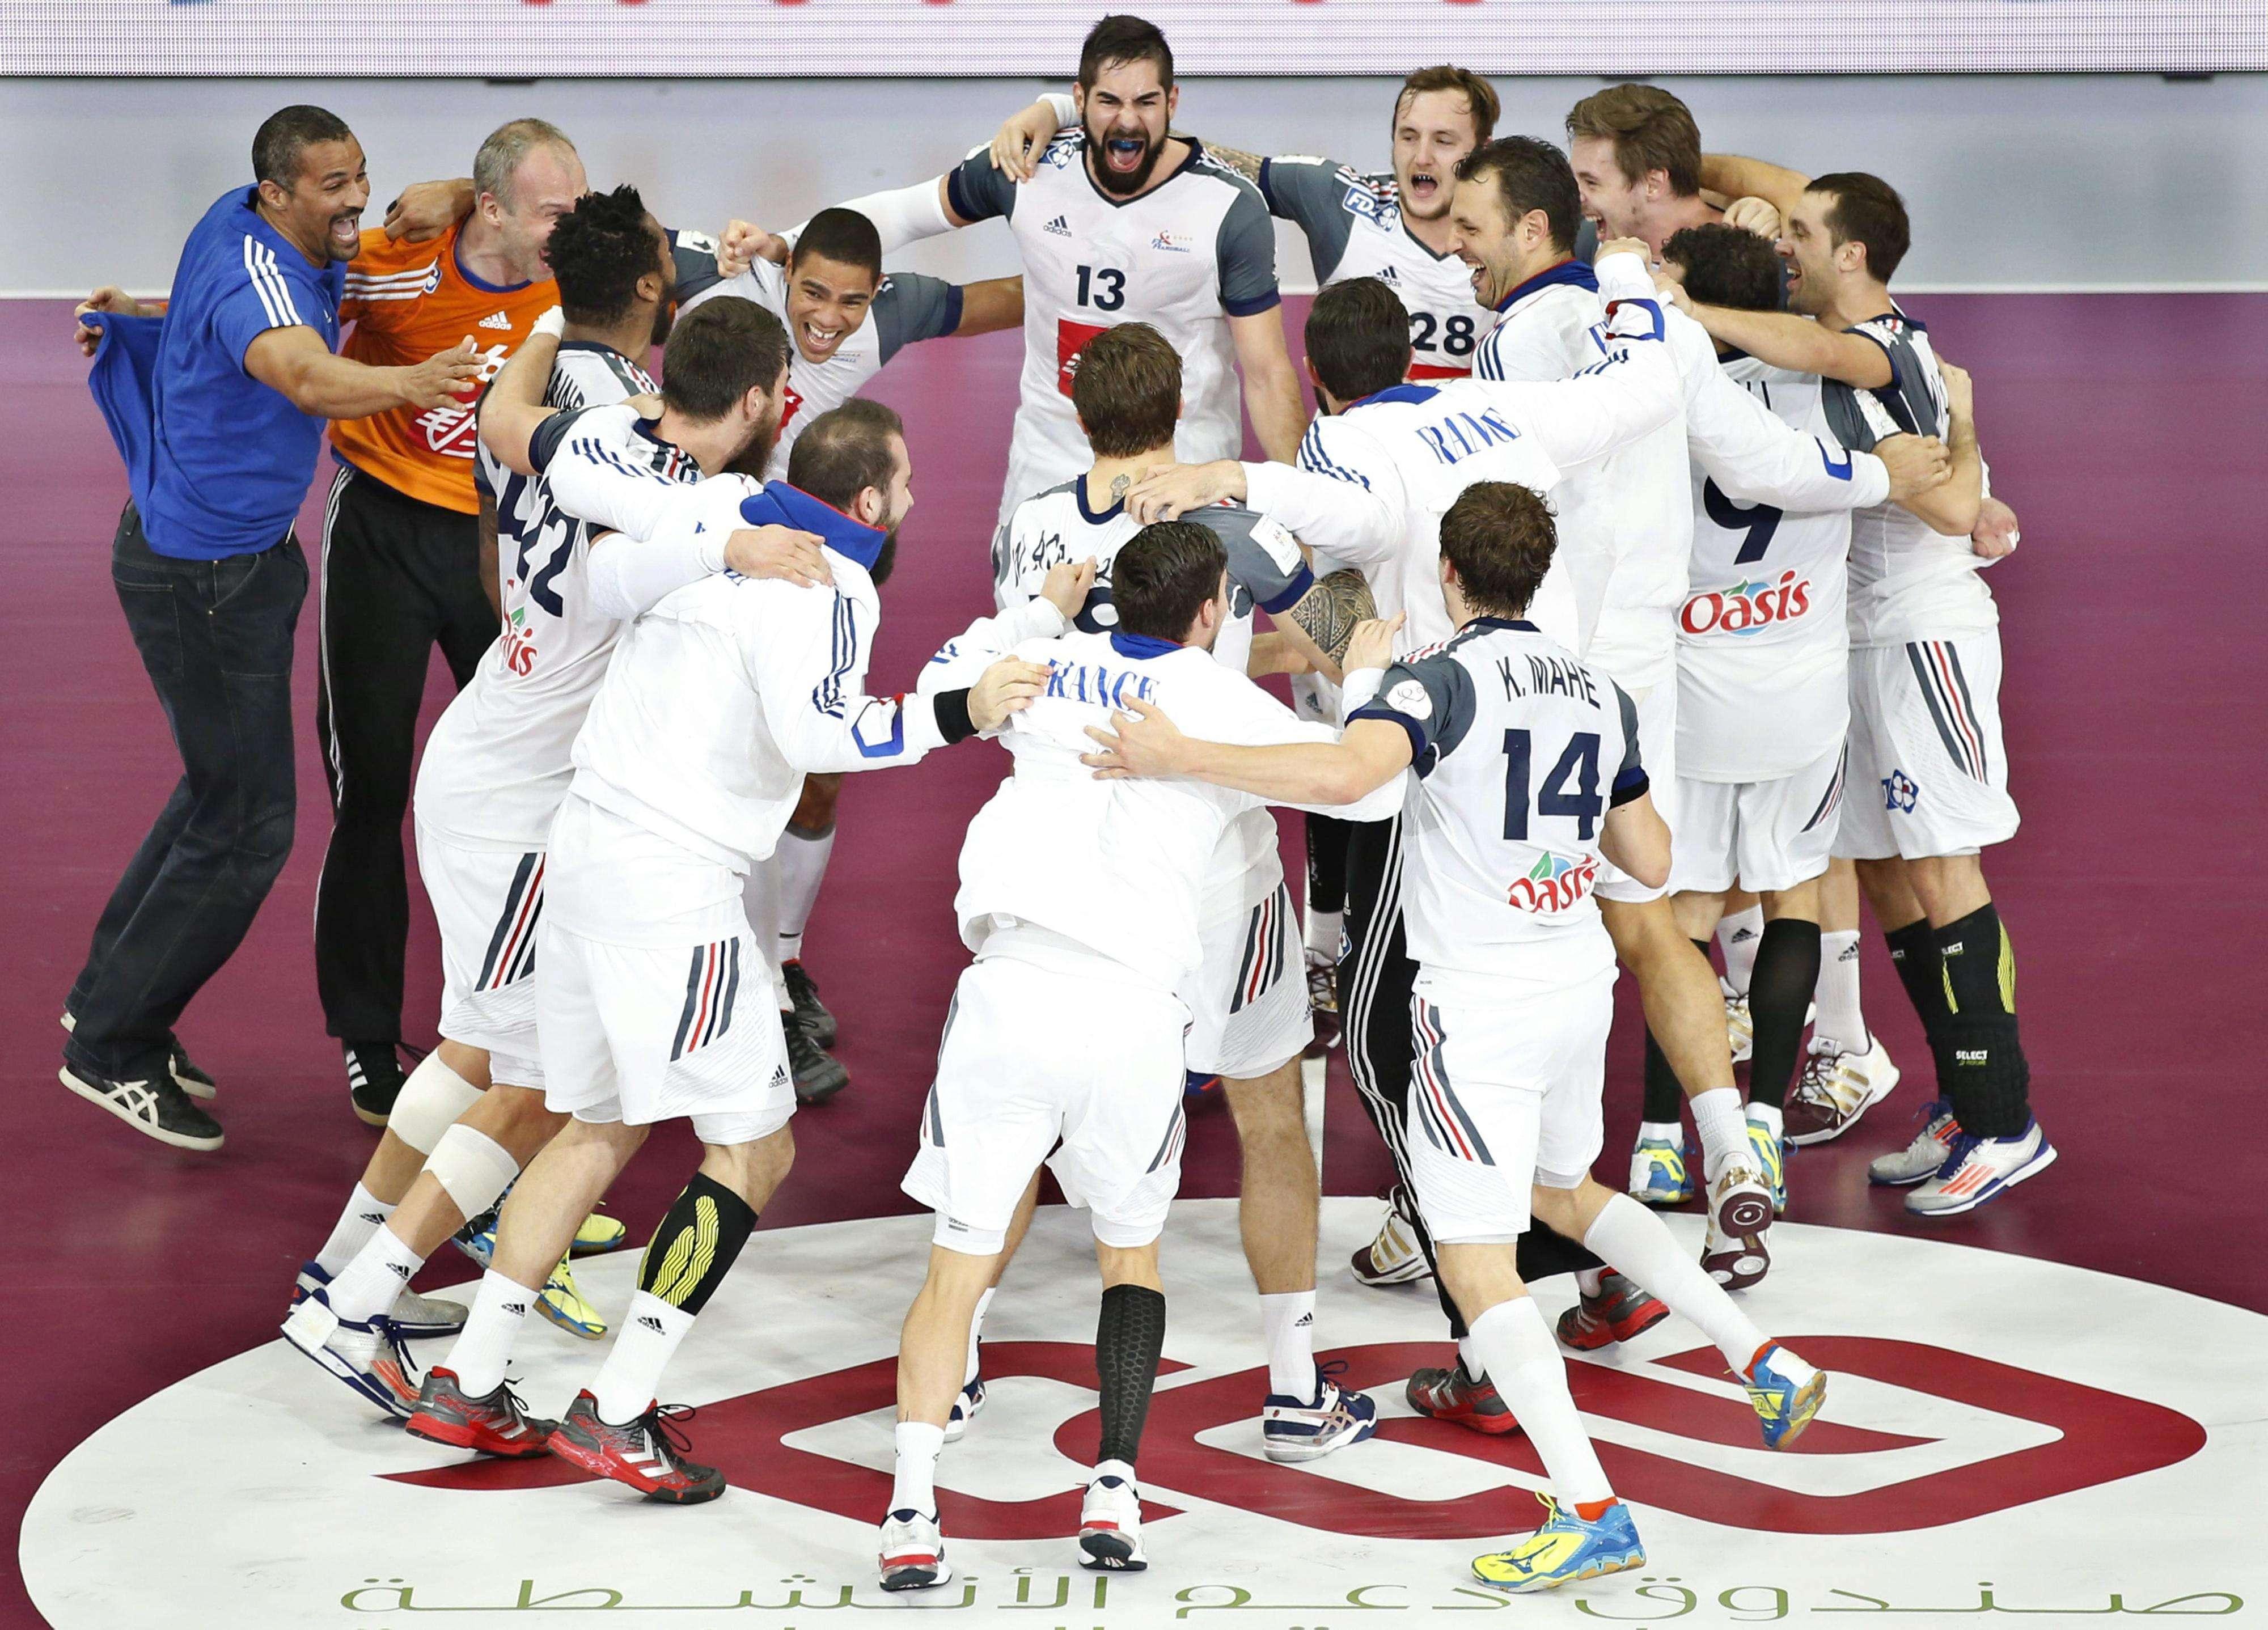 Francia, campeona del mundo de balonmano tras ganar a Catar. Foto: EFE en español